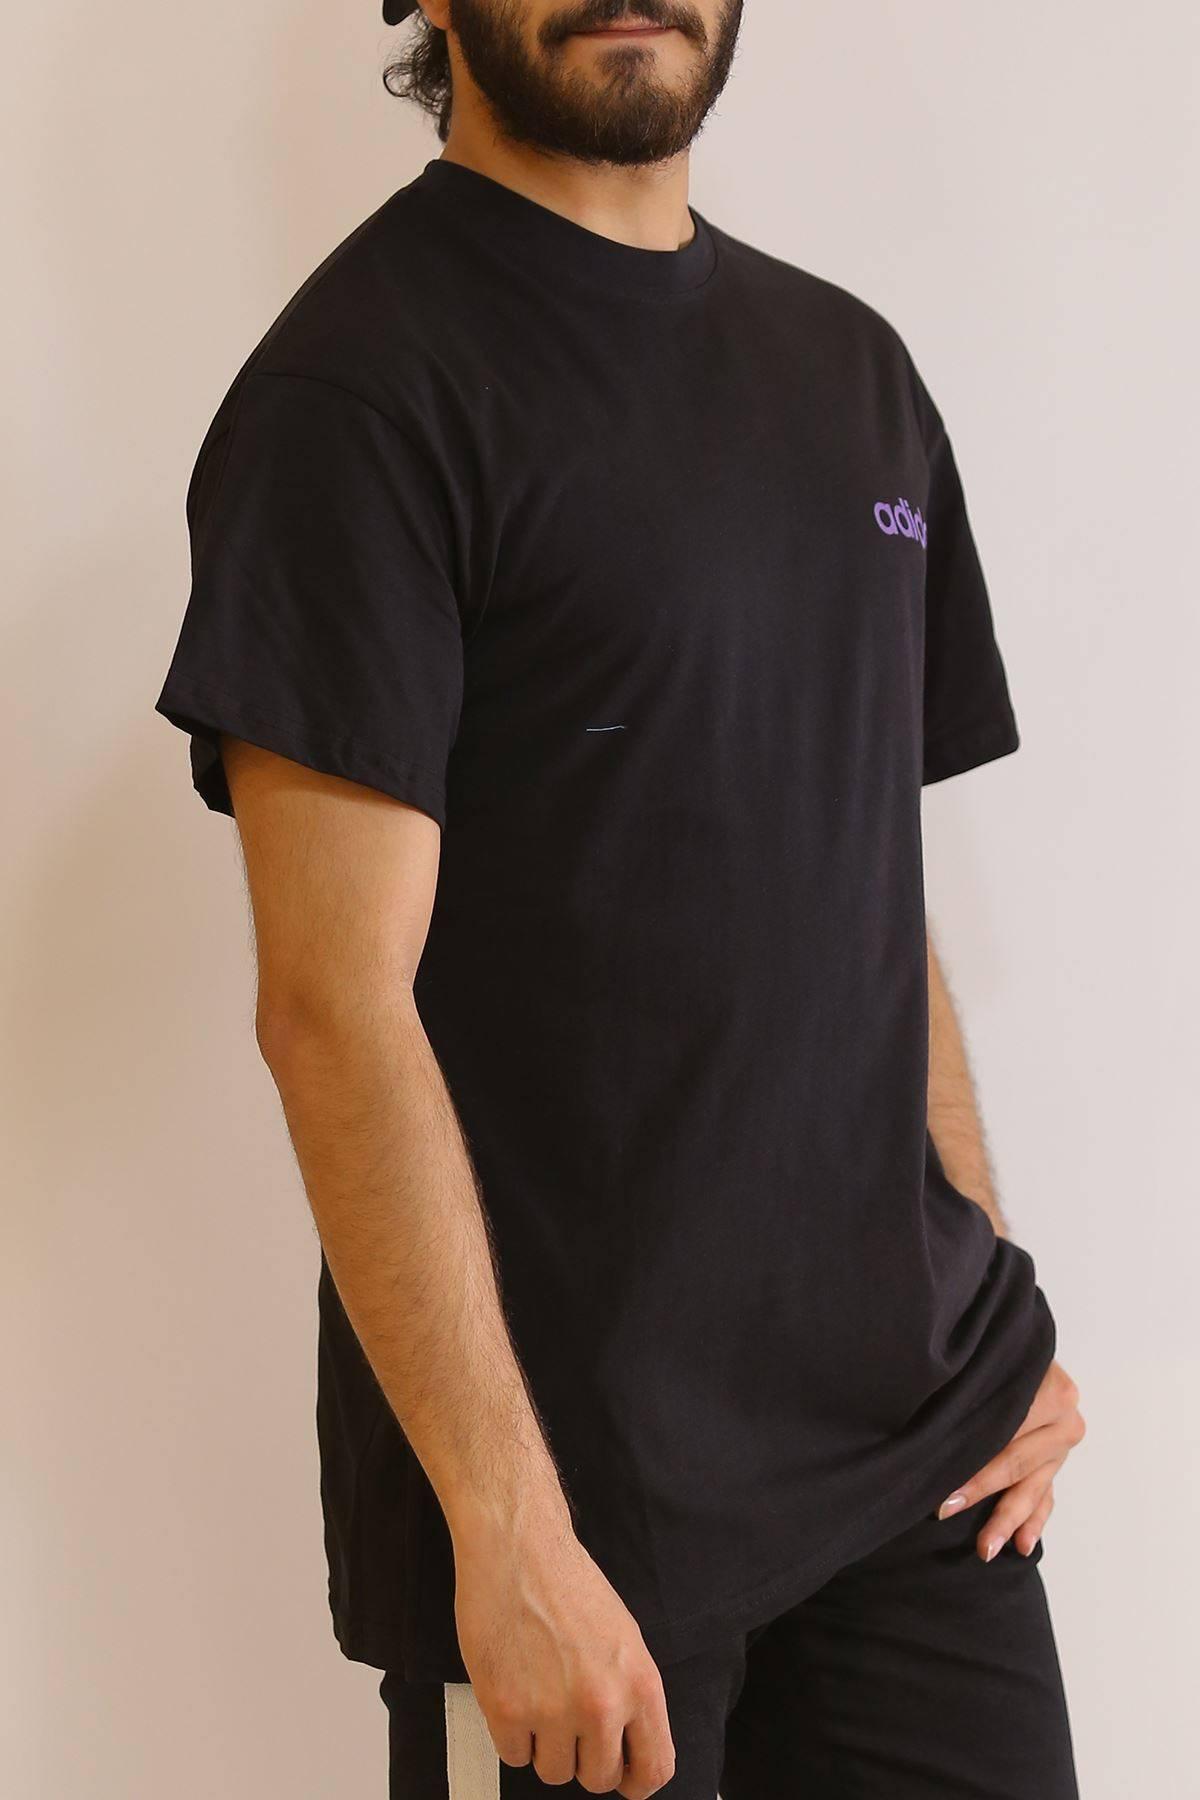 Arkası Baskılı Tişört Siyah - 6061.1377.